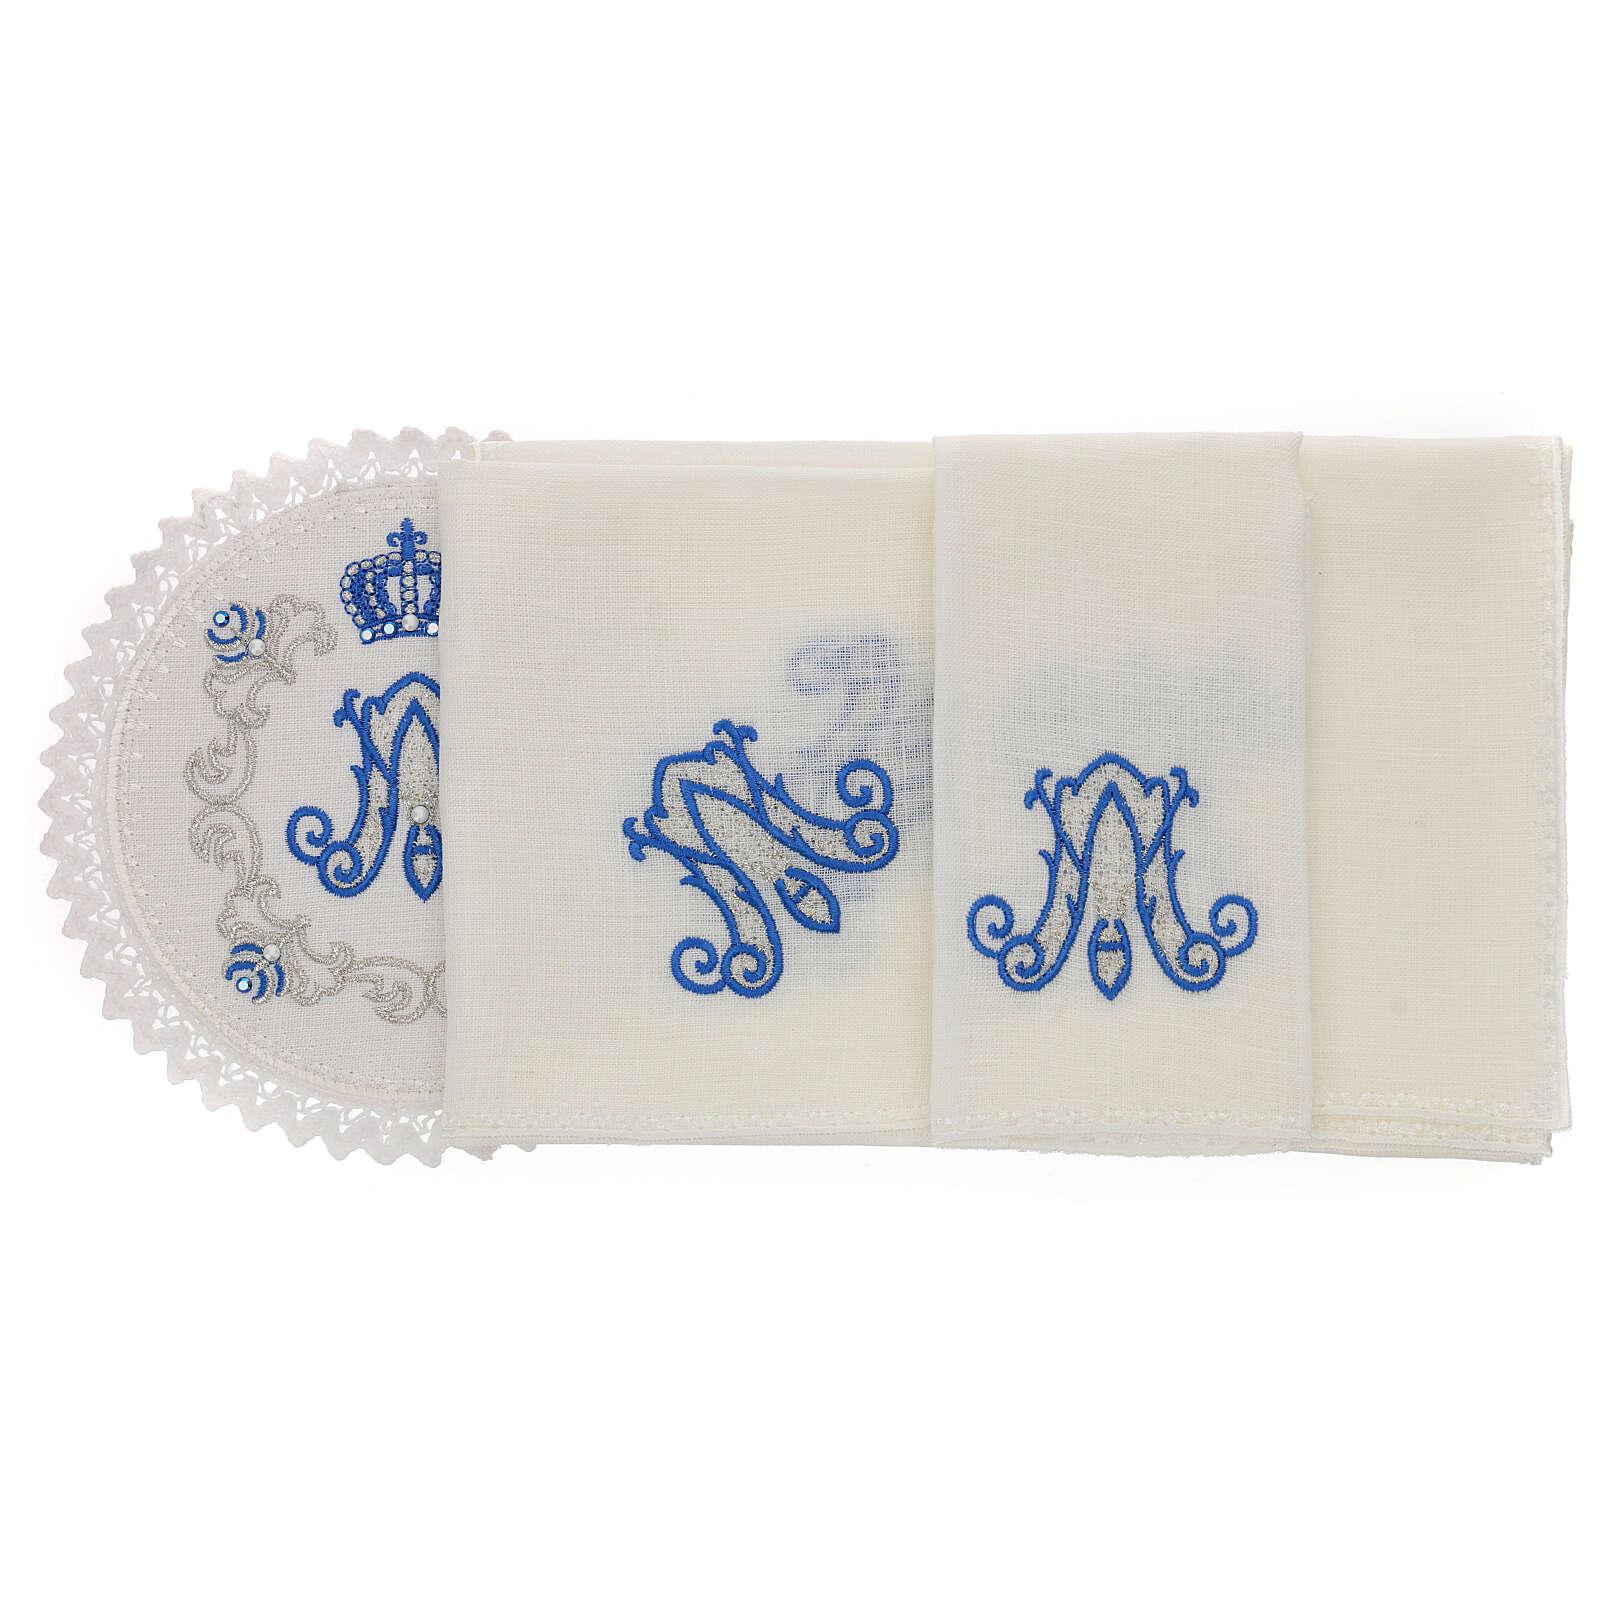 Servicio misa 4 piezas 100% HILO redondo bordados motivos azul plata Limited Edition 4